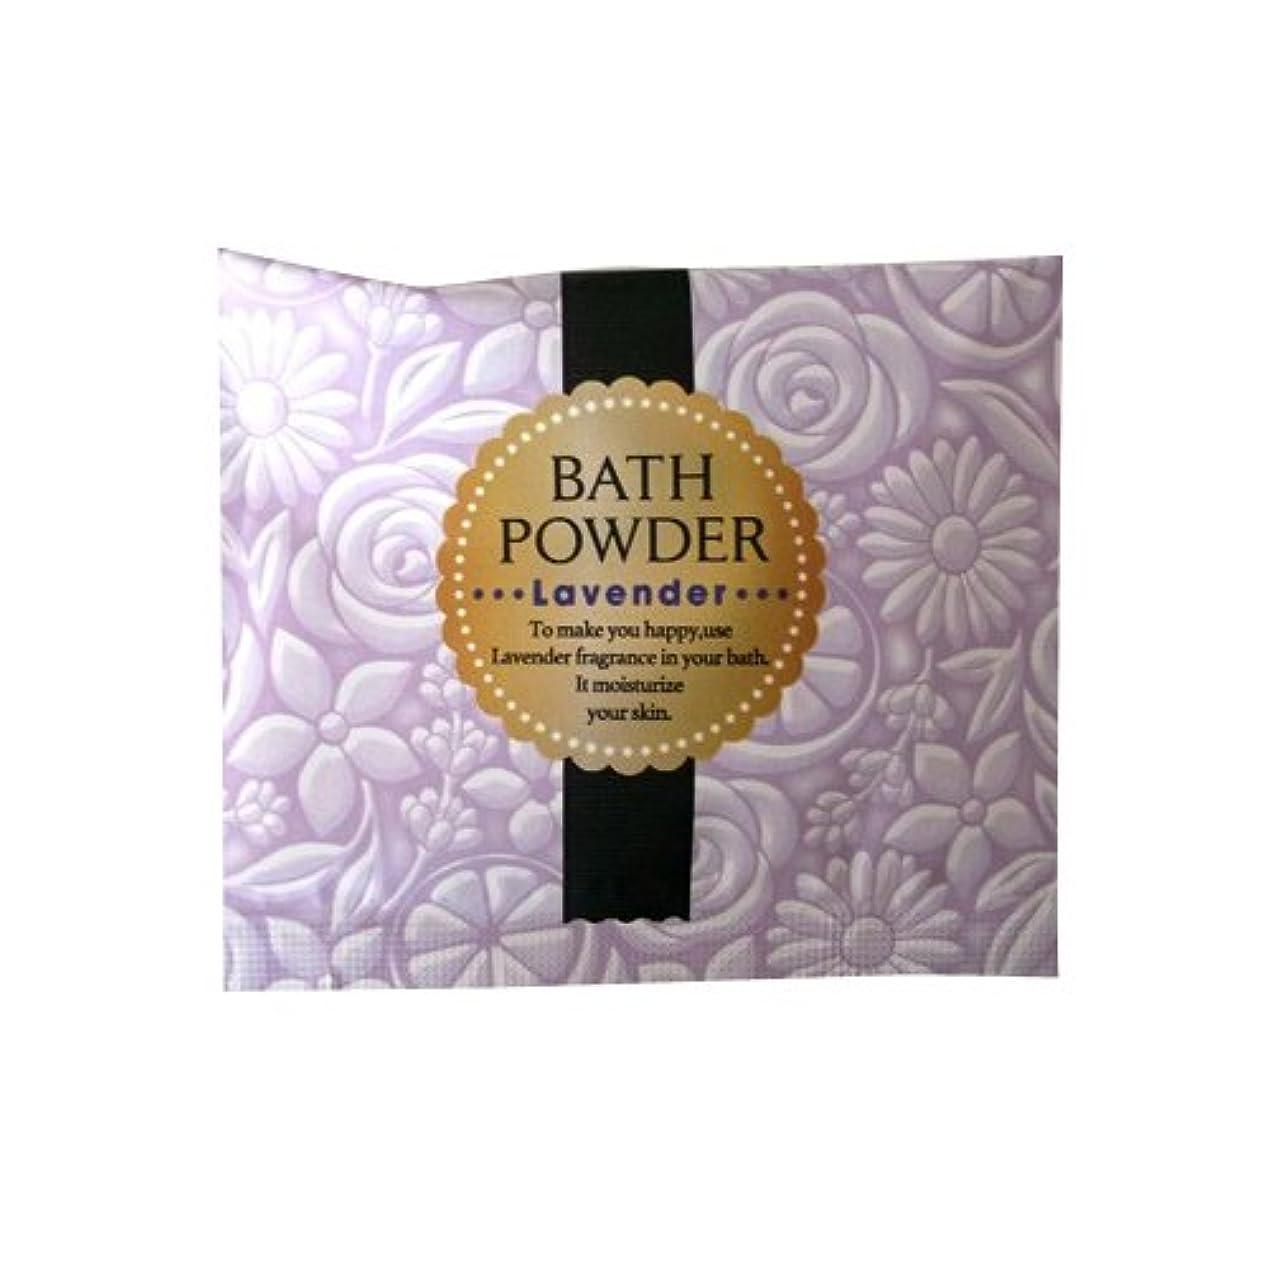 粘土形式うがい薬入浴剤 LUCKY BATH (ラッキーバス) 25g ラベンダーの香り